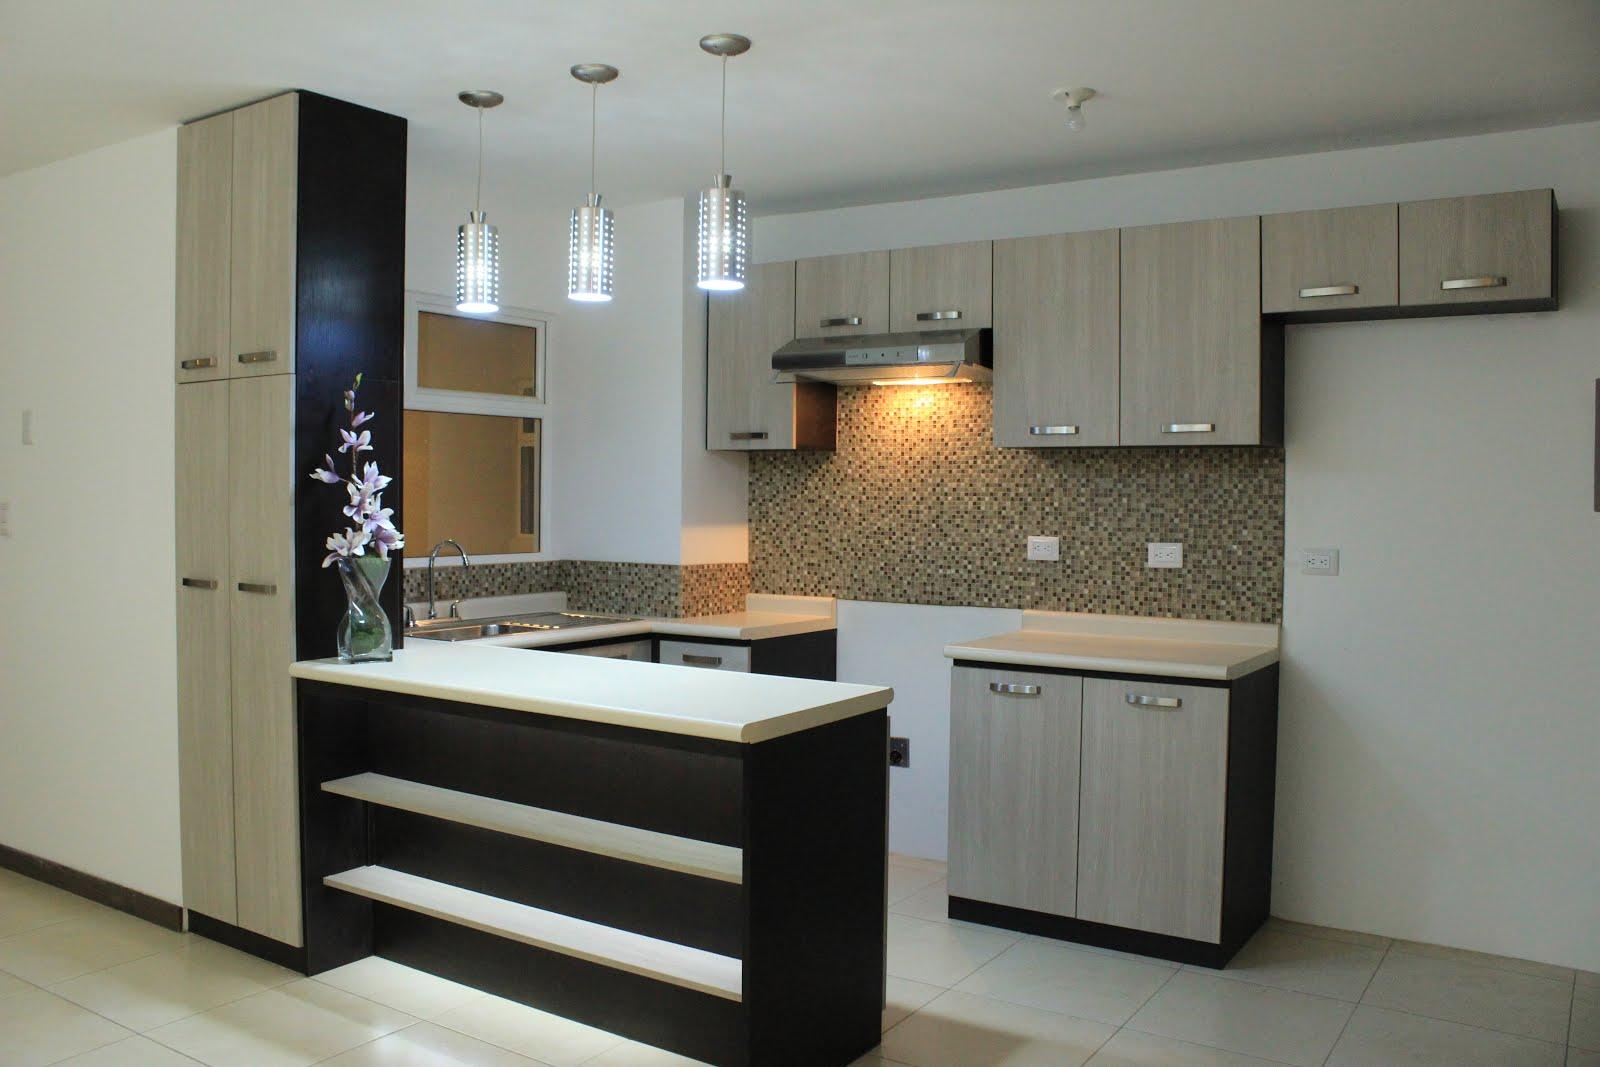 Remodelaciones de casas cocinas de melamina for Cocinas de melamina